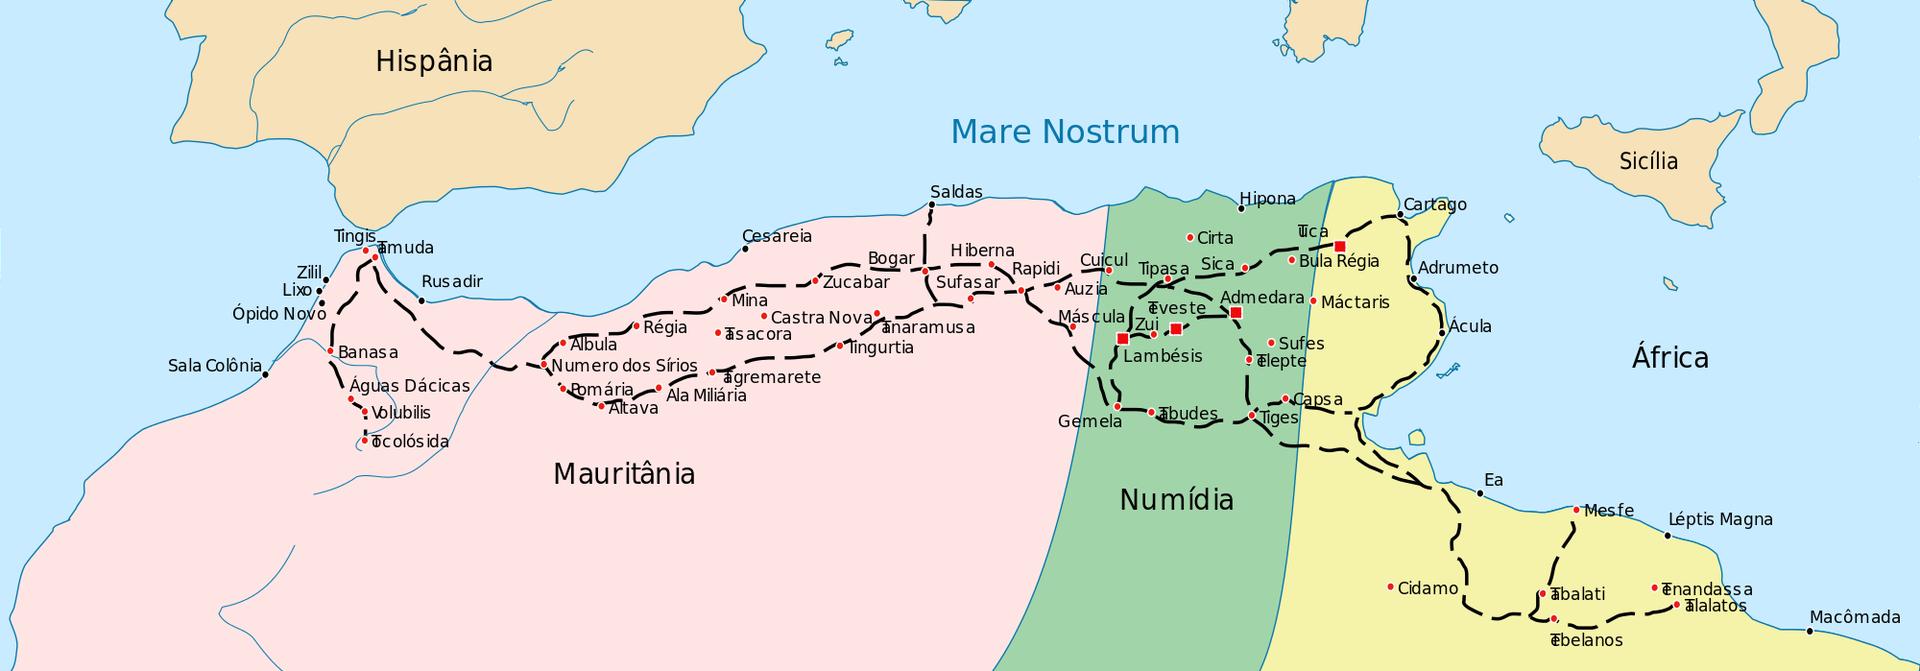 Ilustracja nieznanego autora przedstawia mapę, na której została pokazana Kartagina (fragment Afryki Północnej). Na mapie czerwonymi punktami zostały naniesione miasta, aczarną przerywaną linią oznaczone są drogi. Mapa Kartaginy składa się ztrzech części – kolor różowy to Mauritania, kolor zielony to Numidia, kolor żółty – rejon bez naniesionej nazwy. Wgórnej części mapy widoczne są południowe rejony Europy – Hiszpania oraz Sycylia.